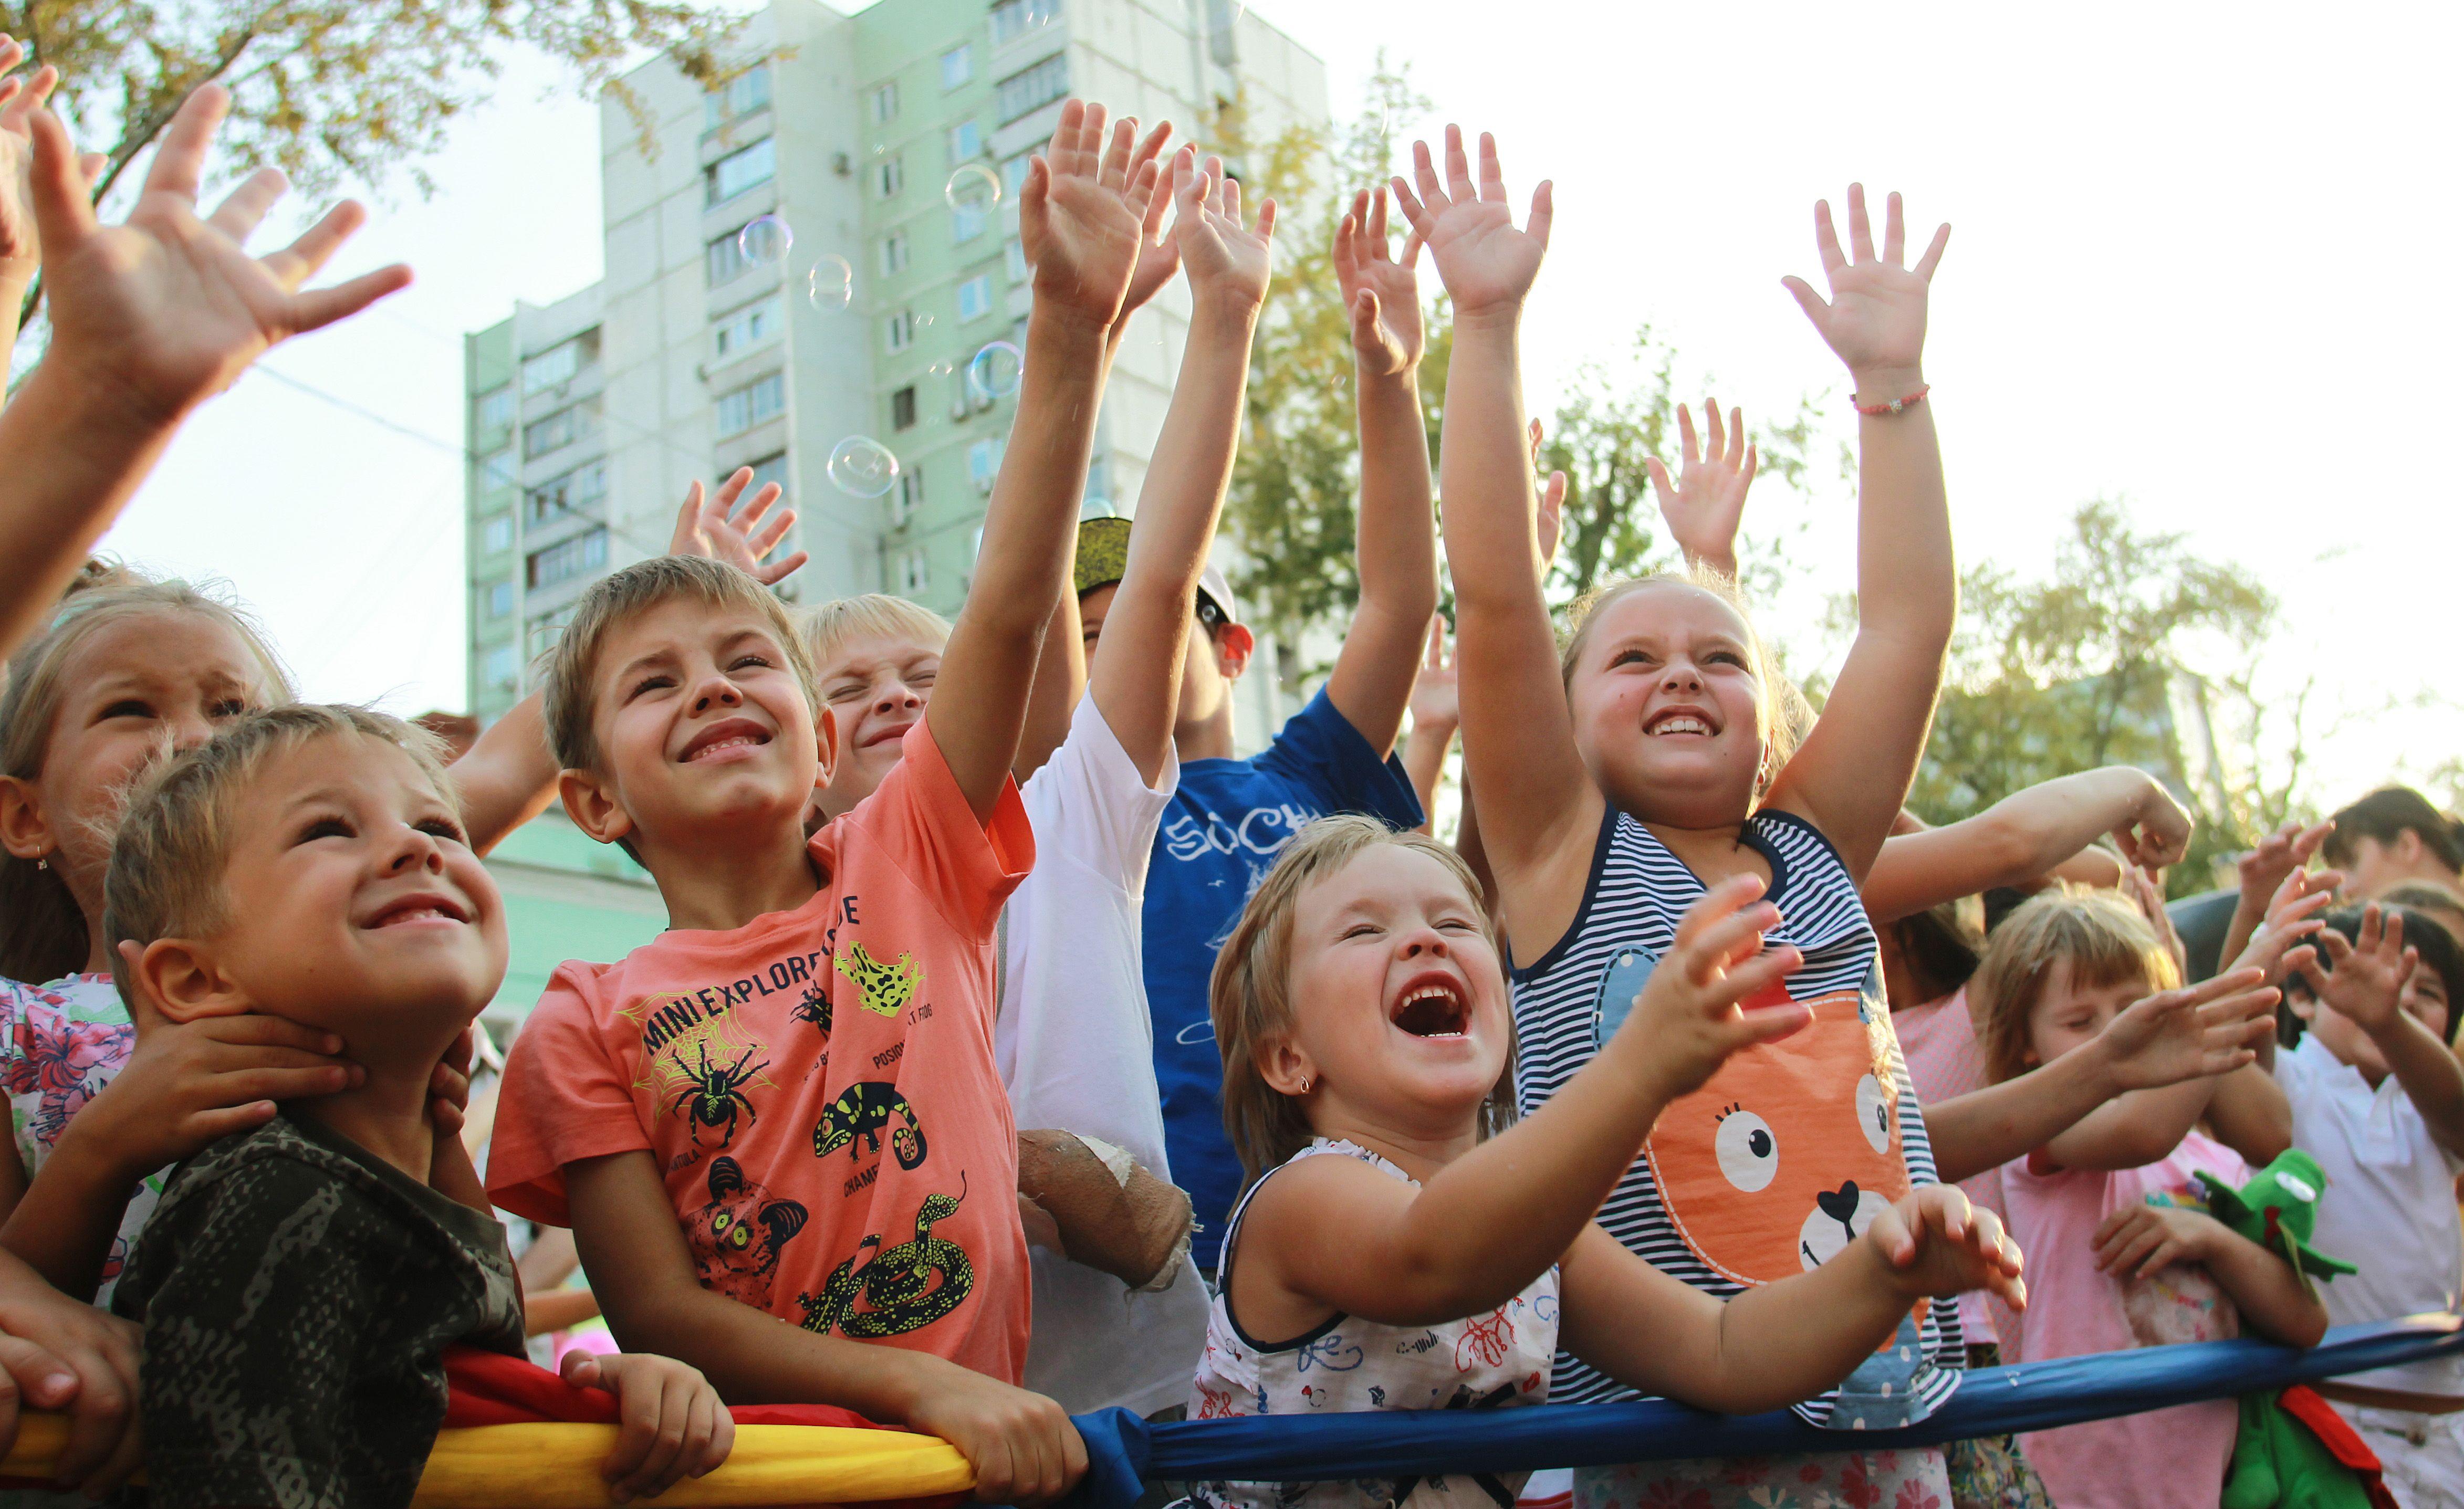 Интерактивный квест и аквагрим: онлайн-программу подготовили в ТКС «Орехово» ко Дню защиты детей